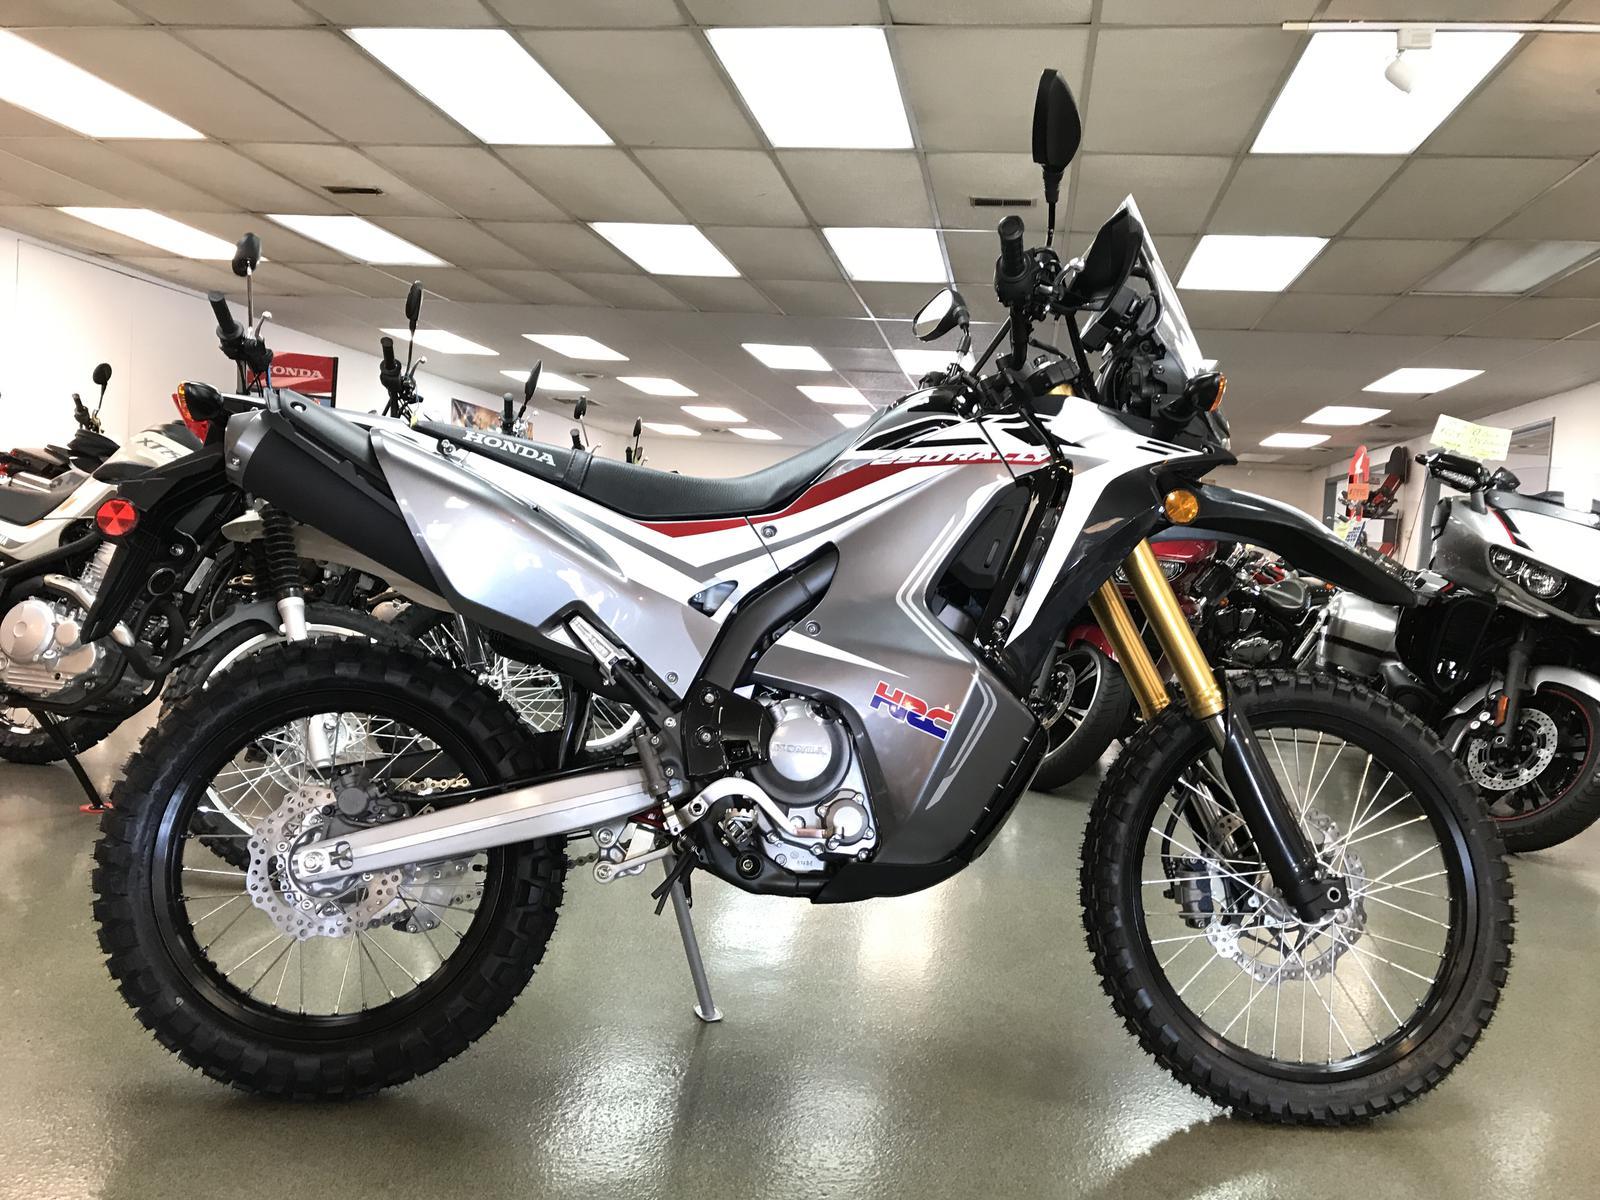 Street Bikes From Honda Sportland Motorsports Urbana Il 217 328 5005